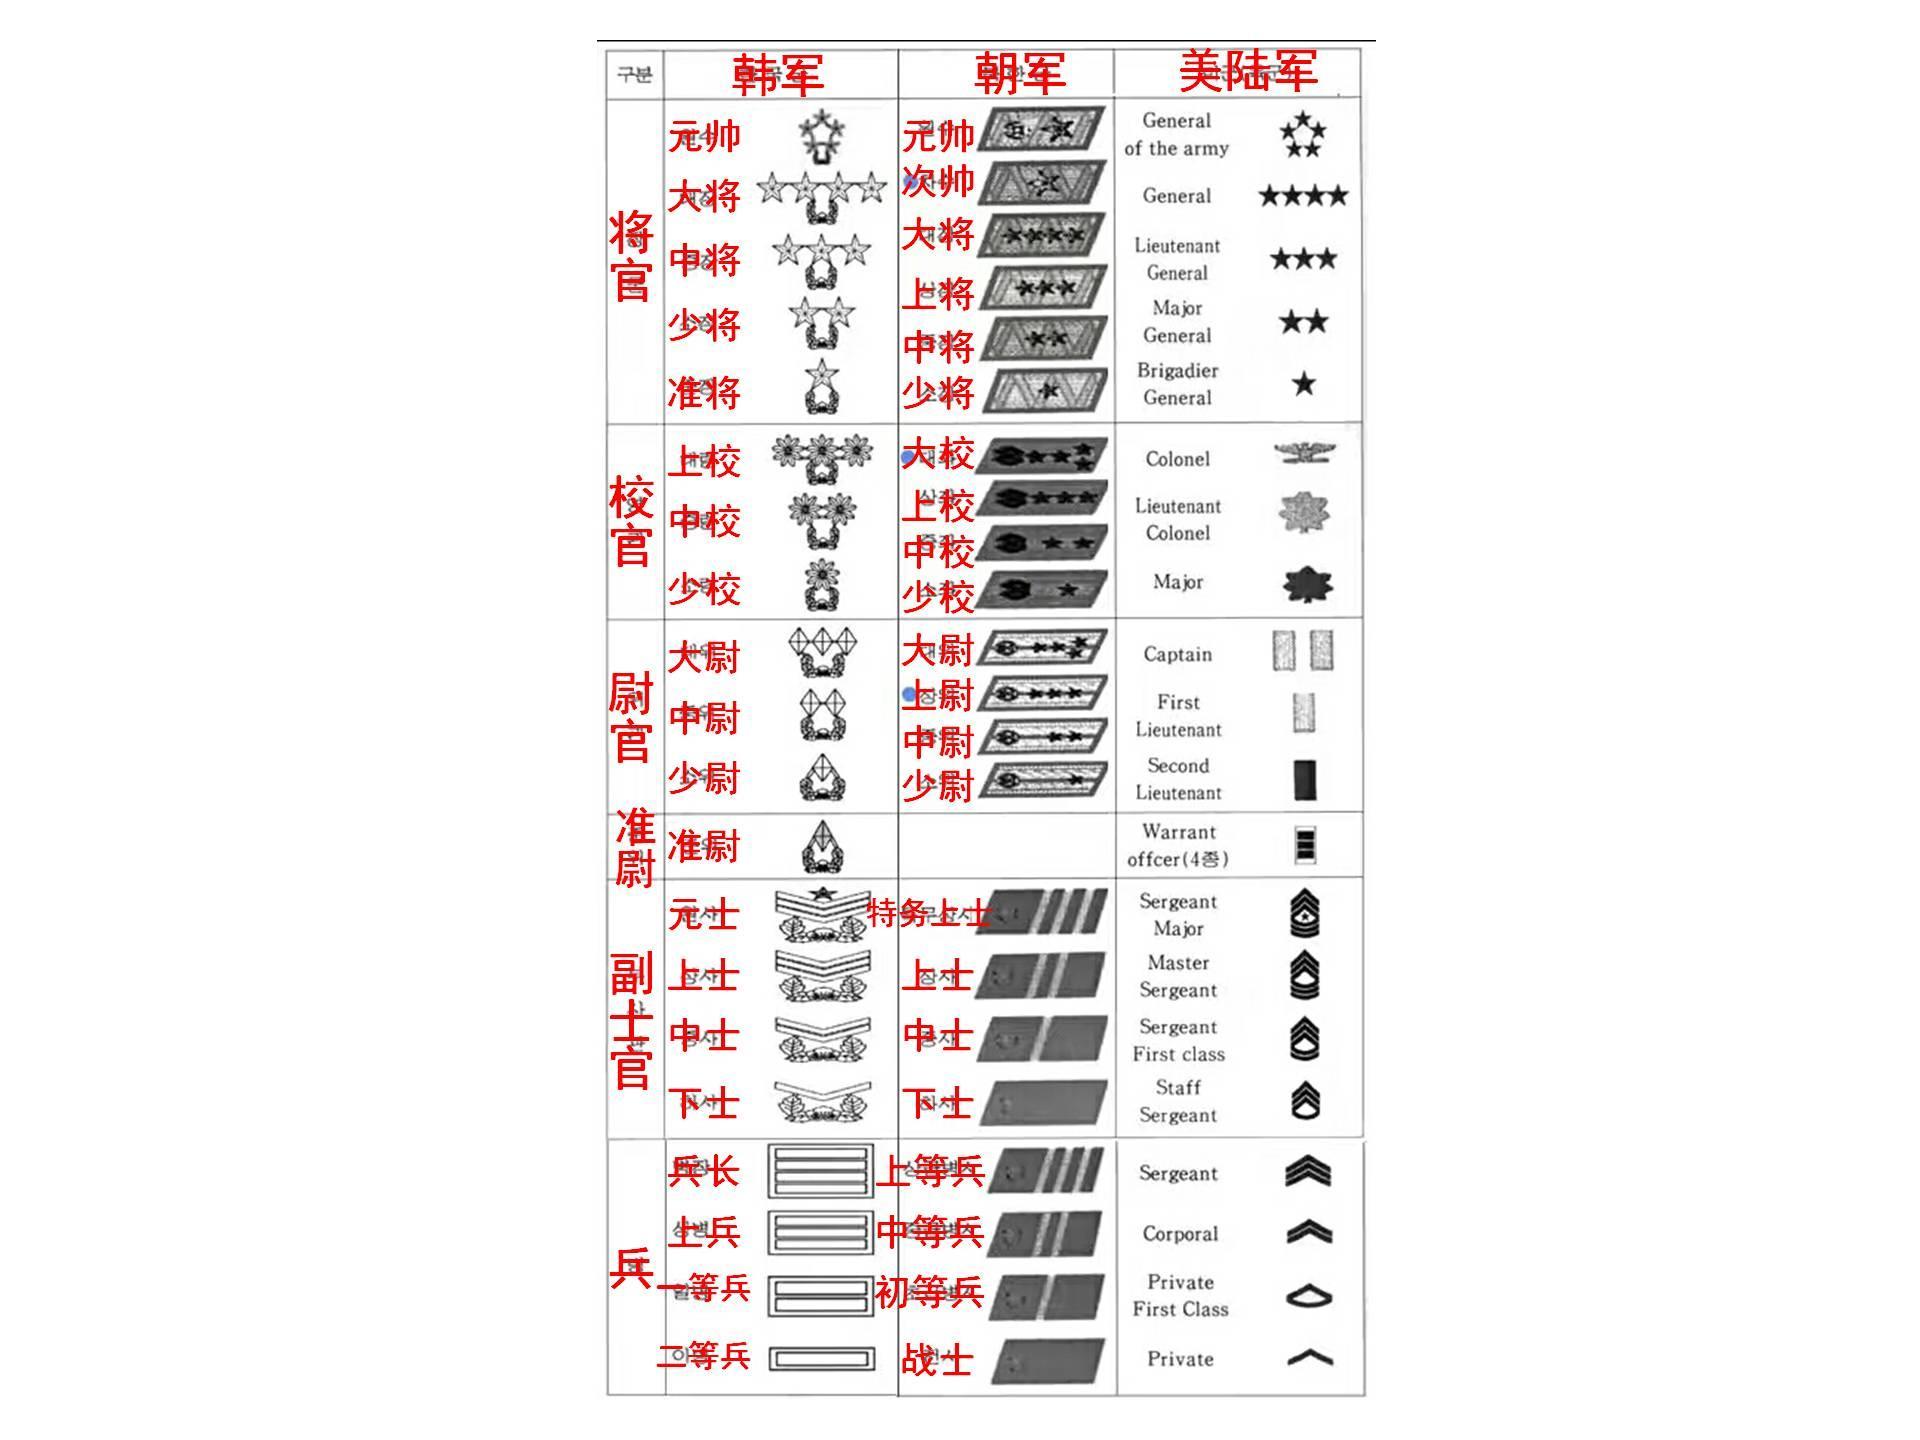 日本空军装备_朝鲜人民军步兵分队编制及武器装备概览 - 知乎